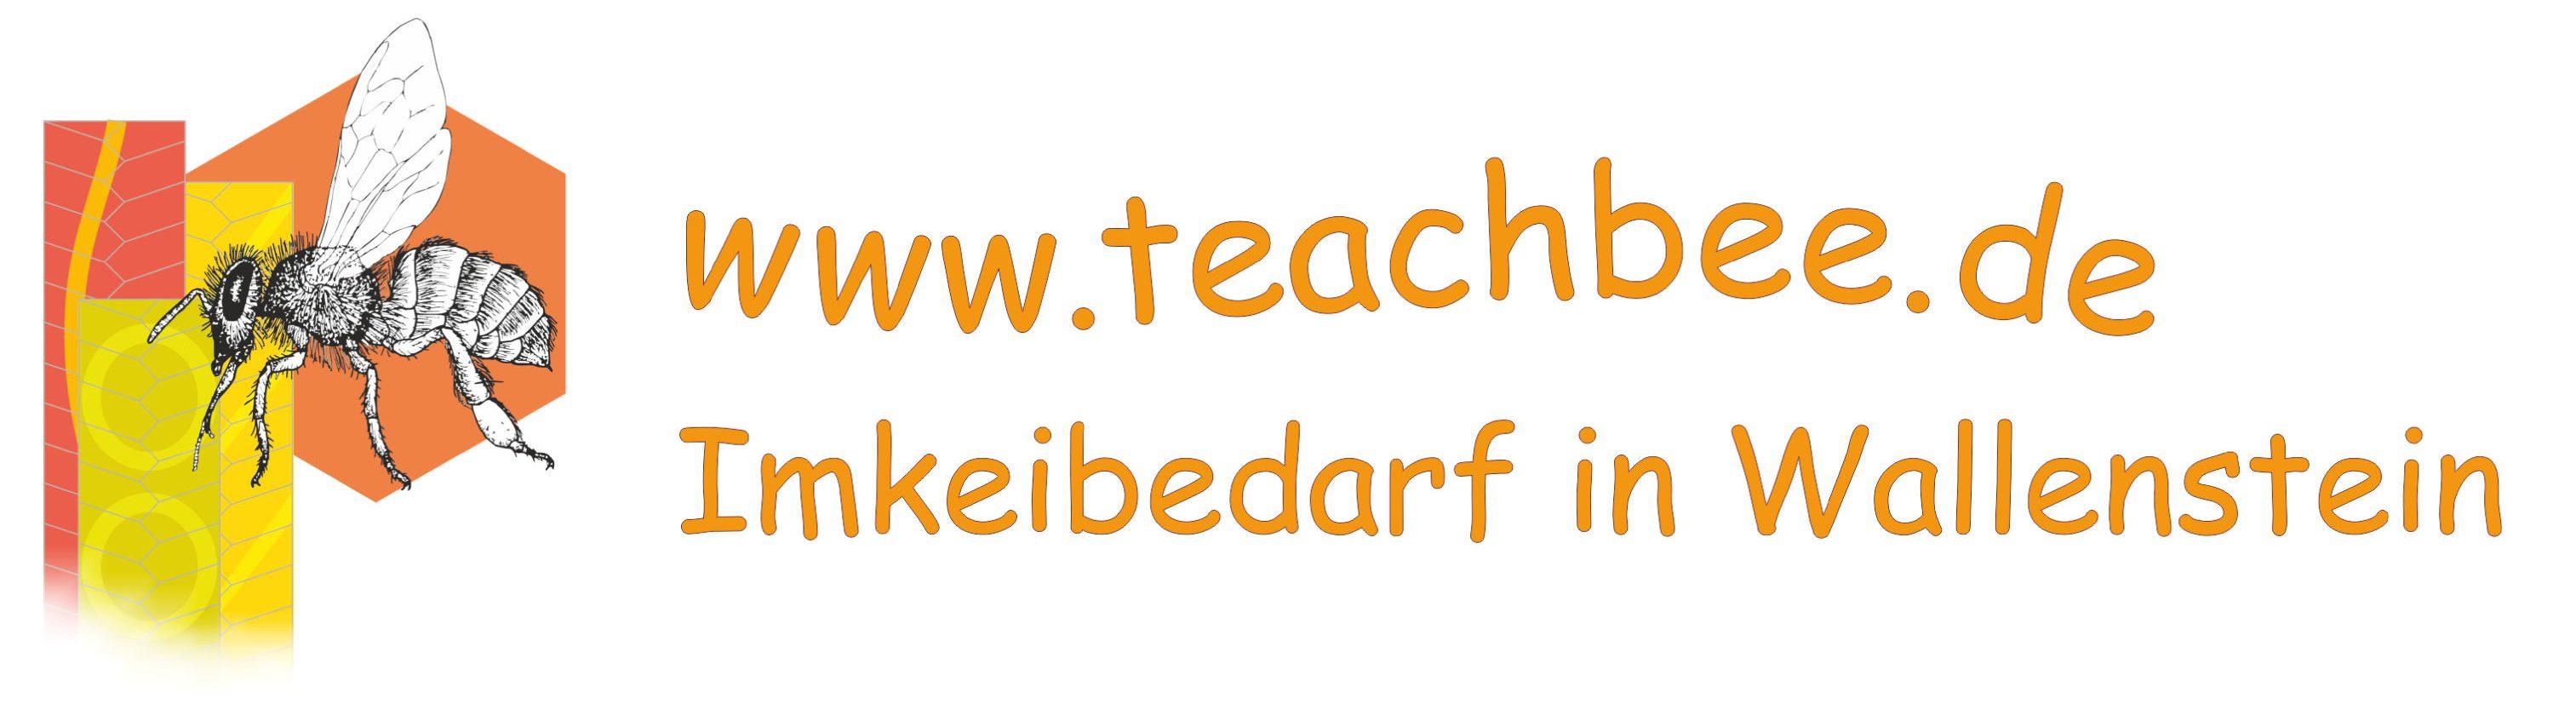 teachbee.de  Imkereibedarf in Wallenstein